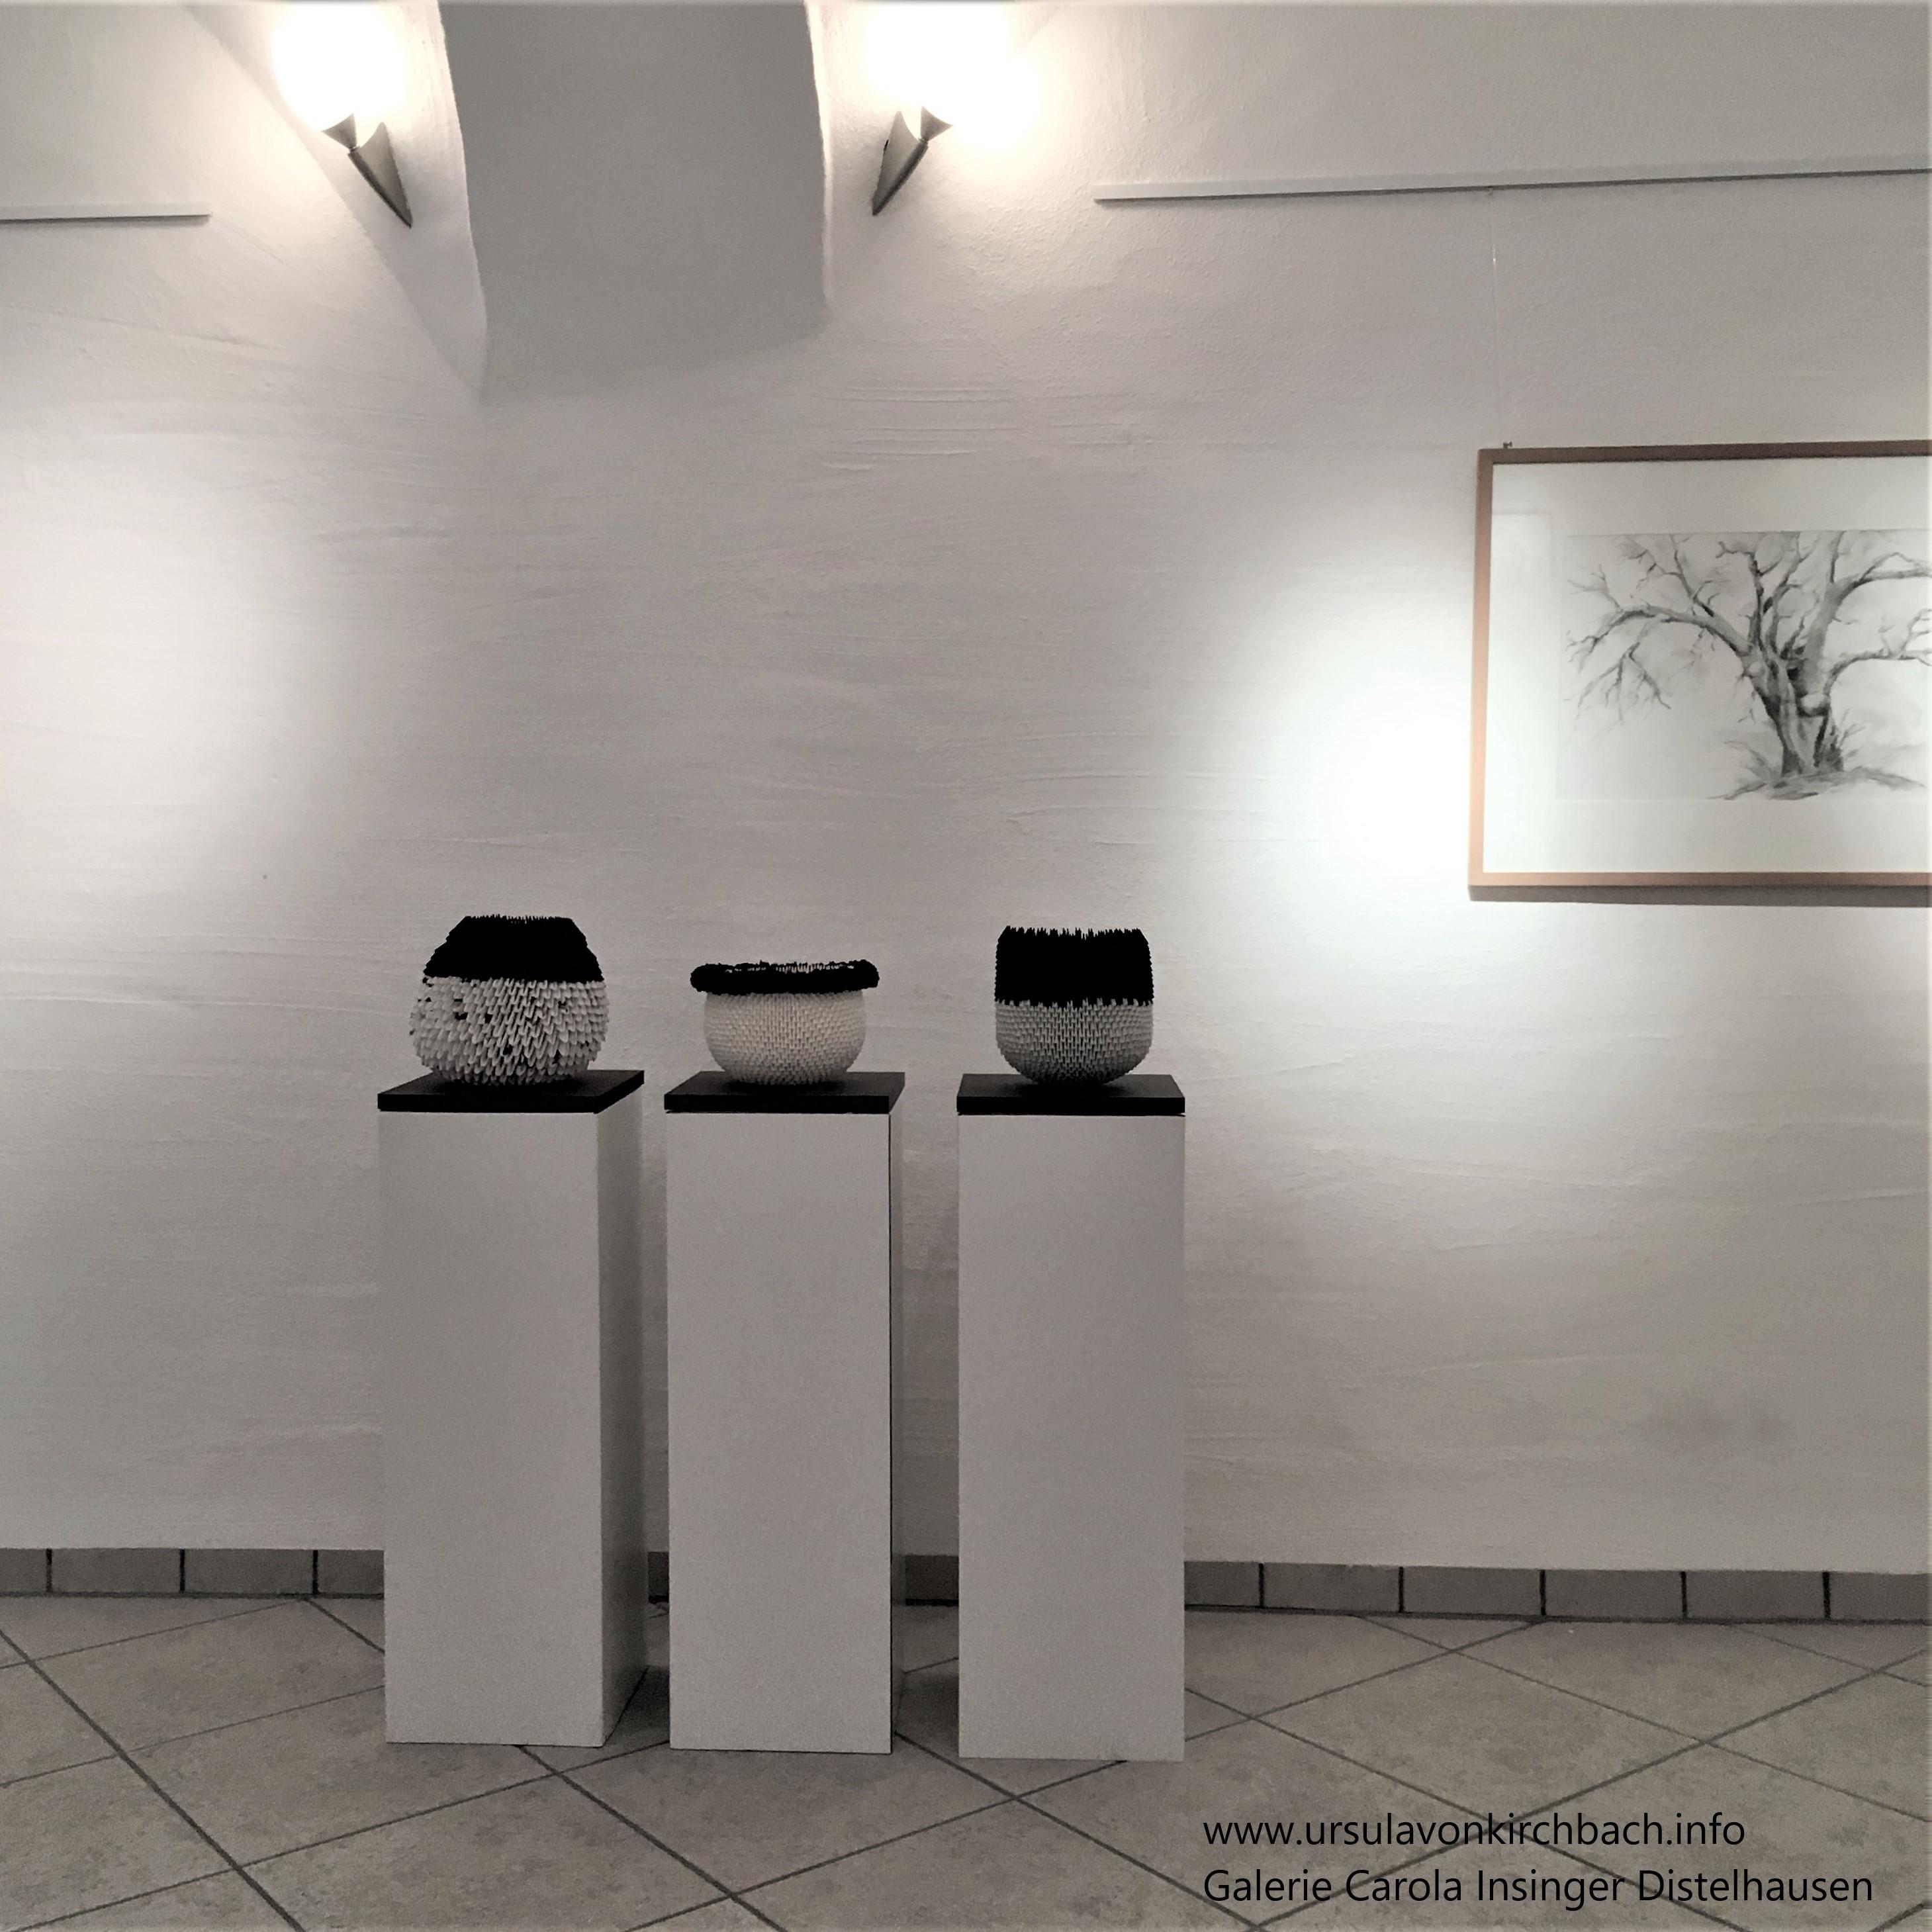 Galerie Carola Insinger Distelhausen 3-er set